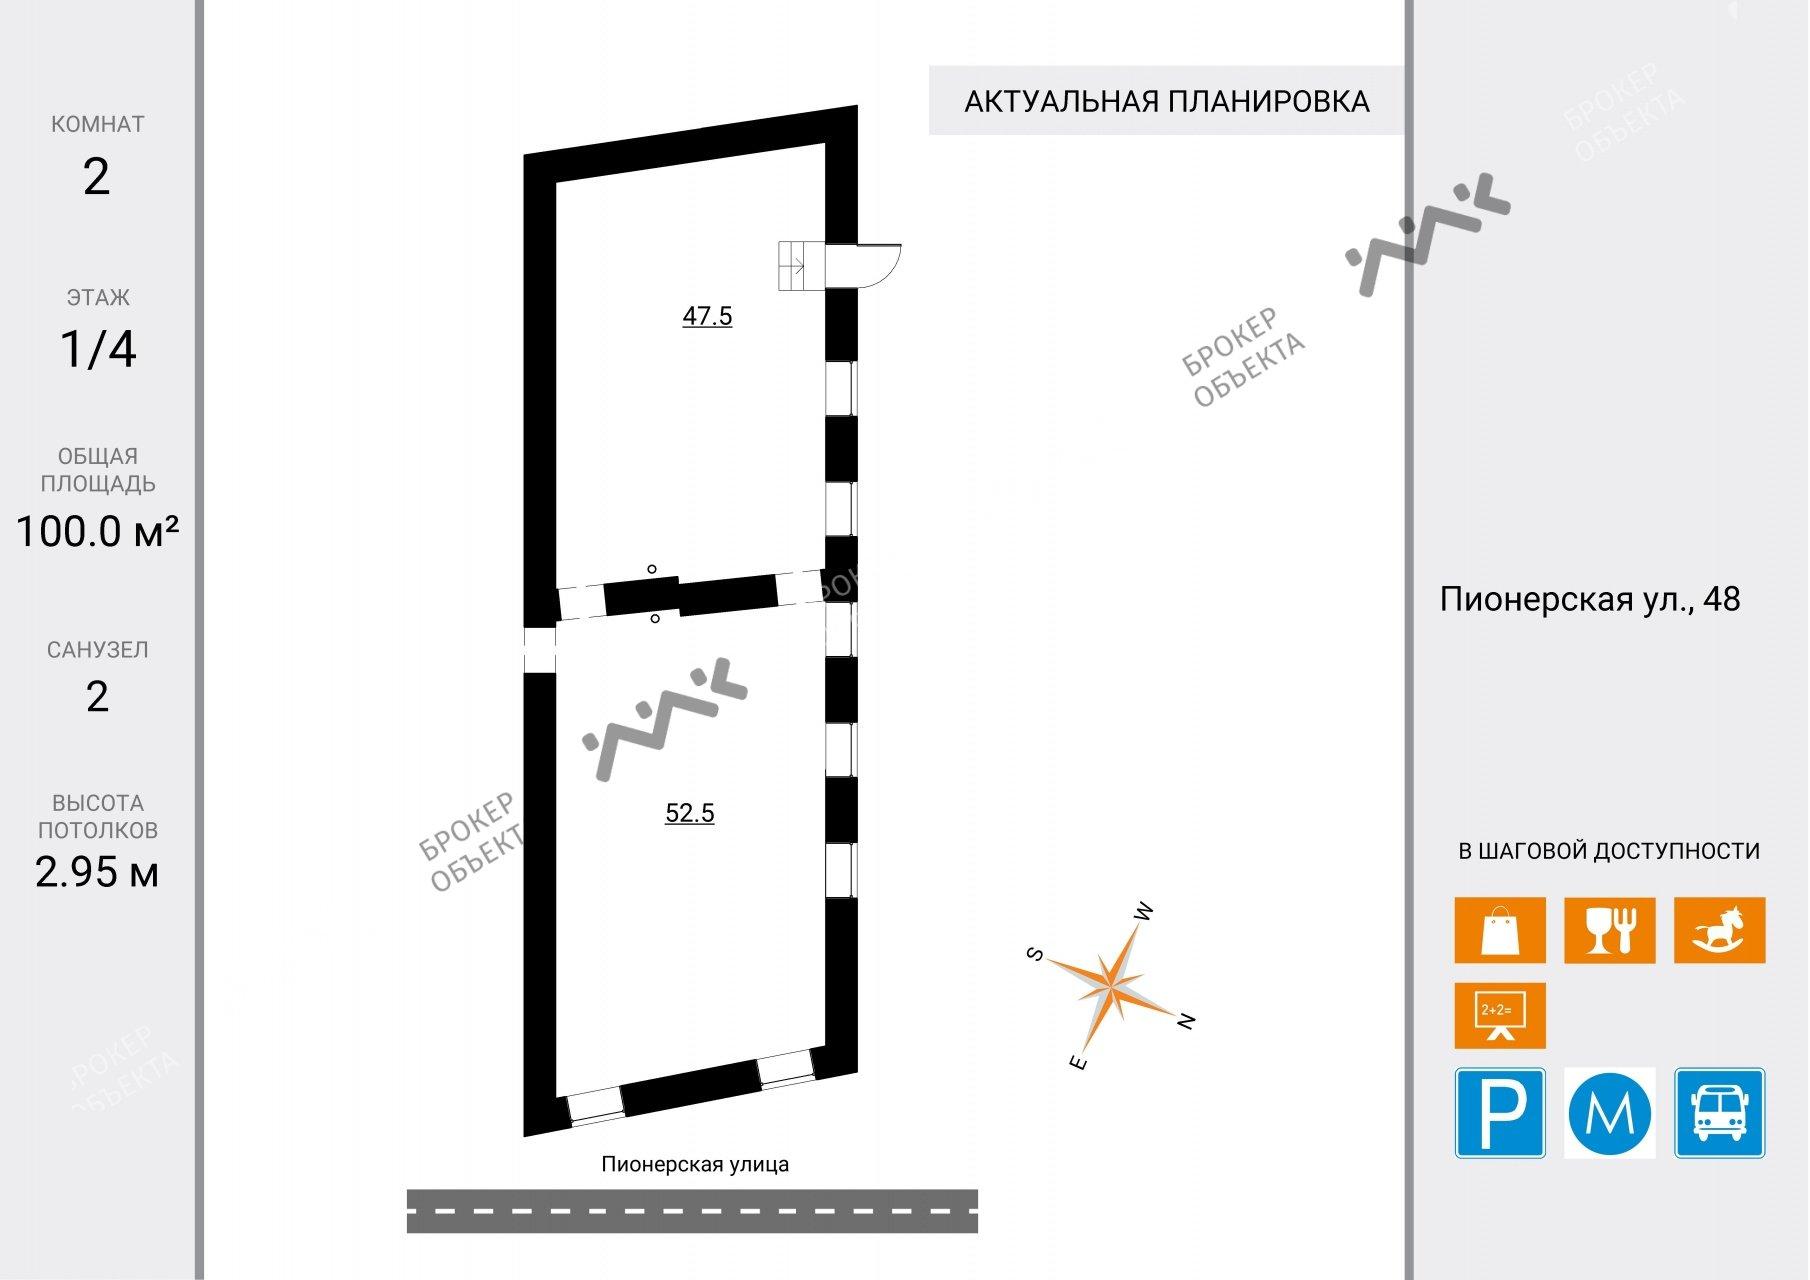 Планировка Пионерская ул., д.48. Лот № 1015422